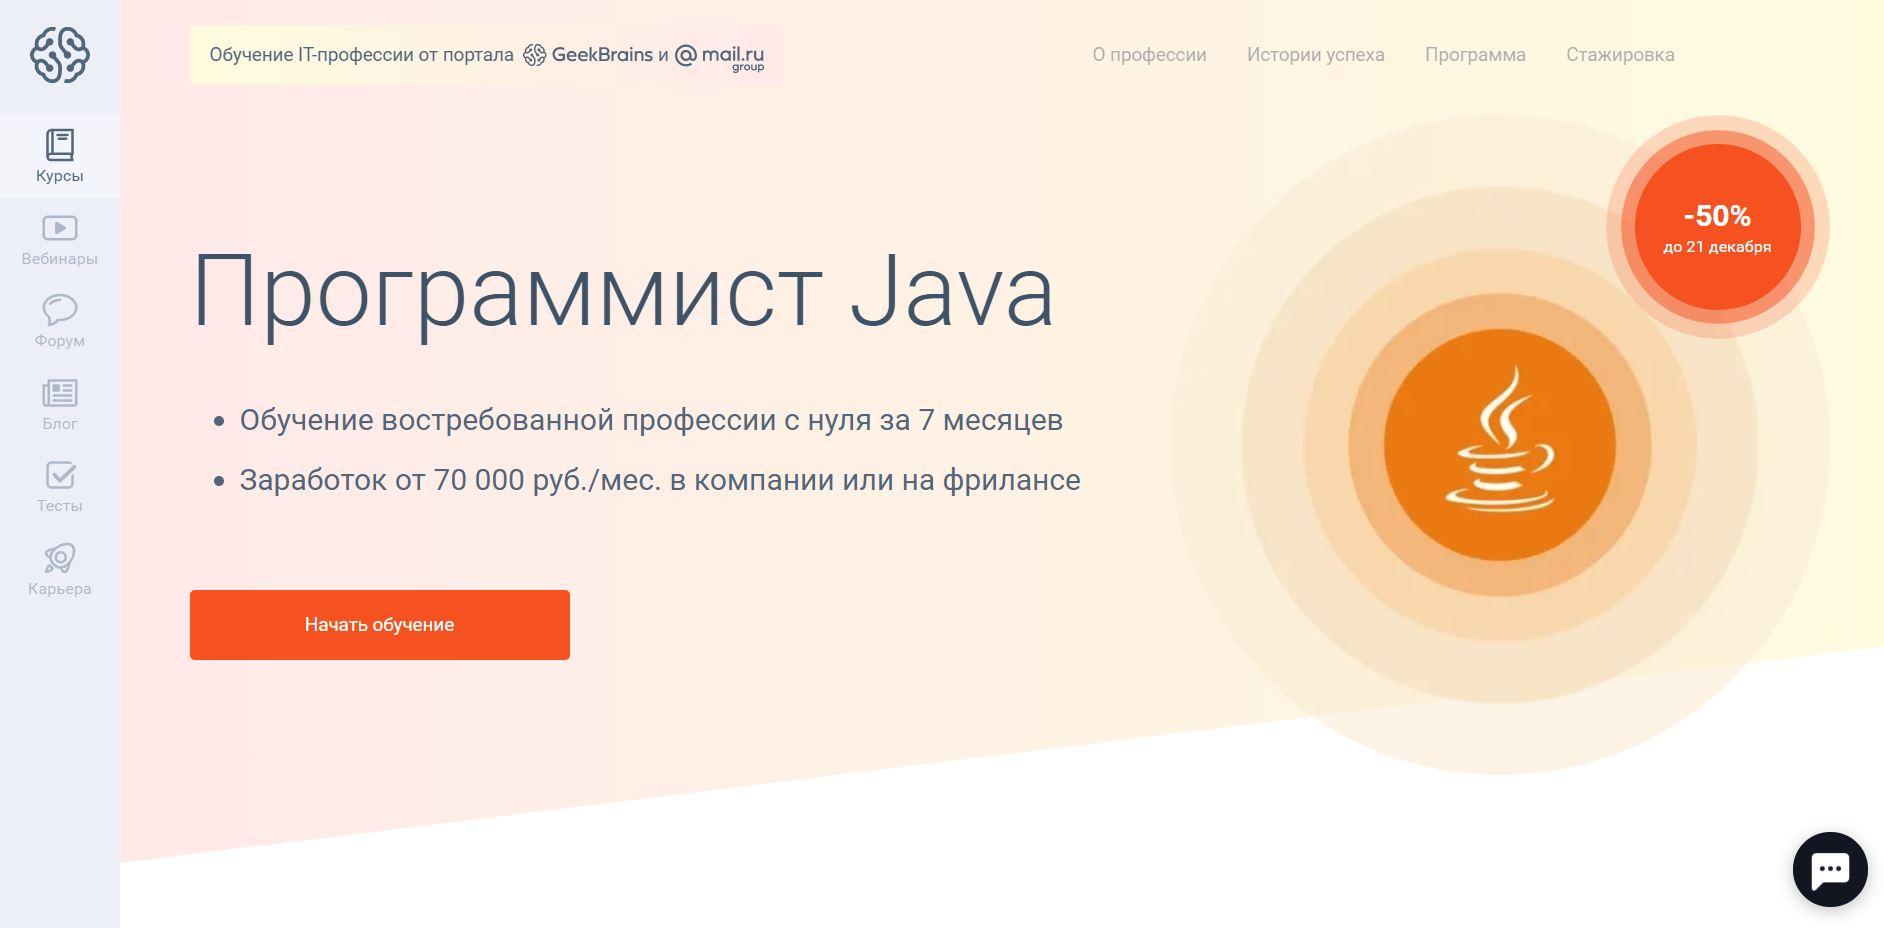 geekbrains обучение специальности Java-разработчик